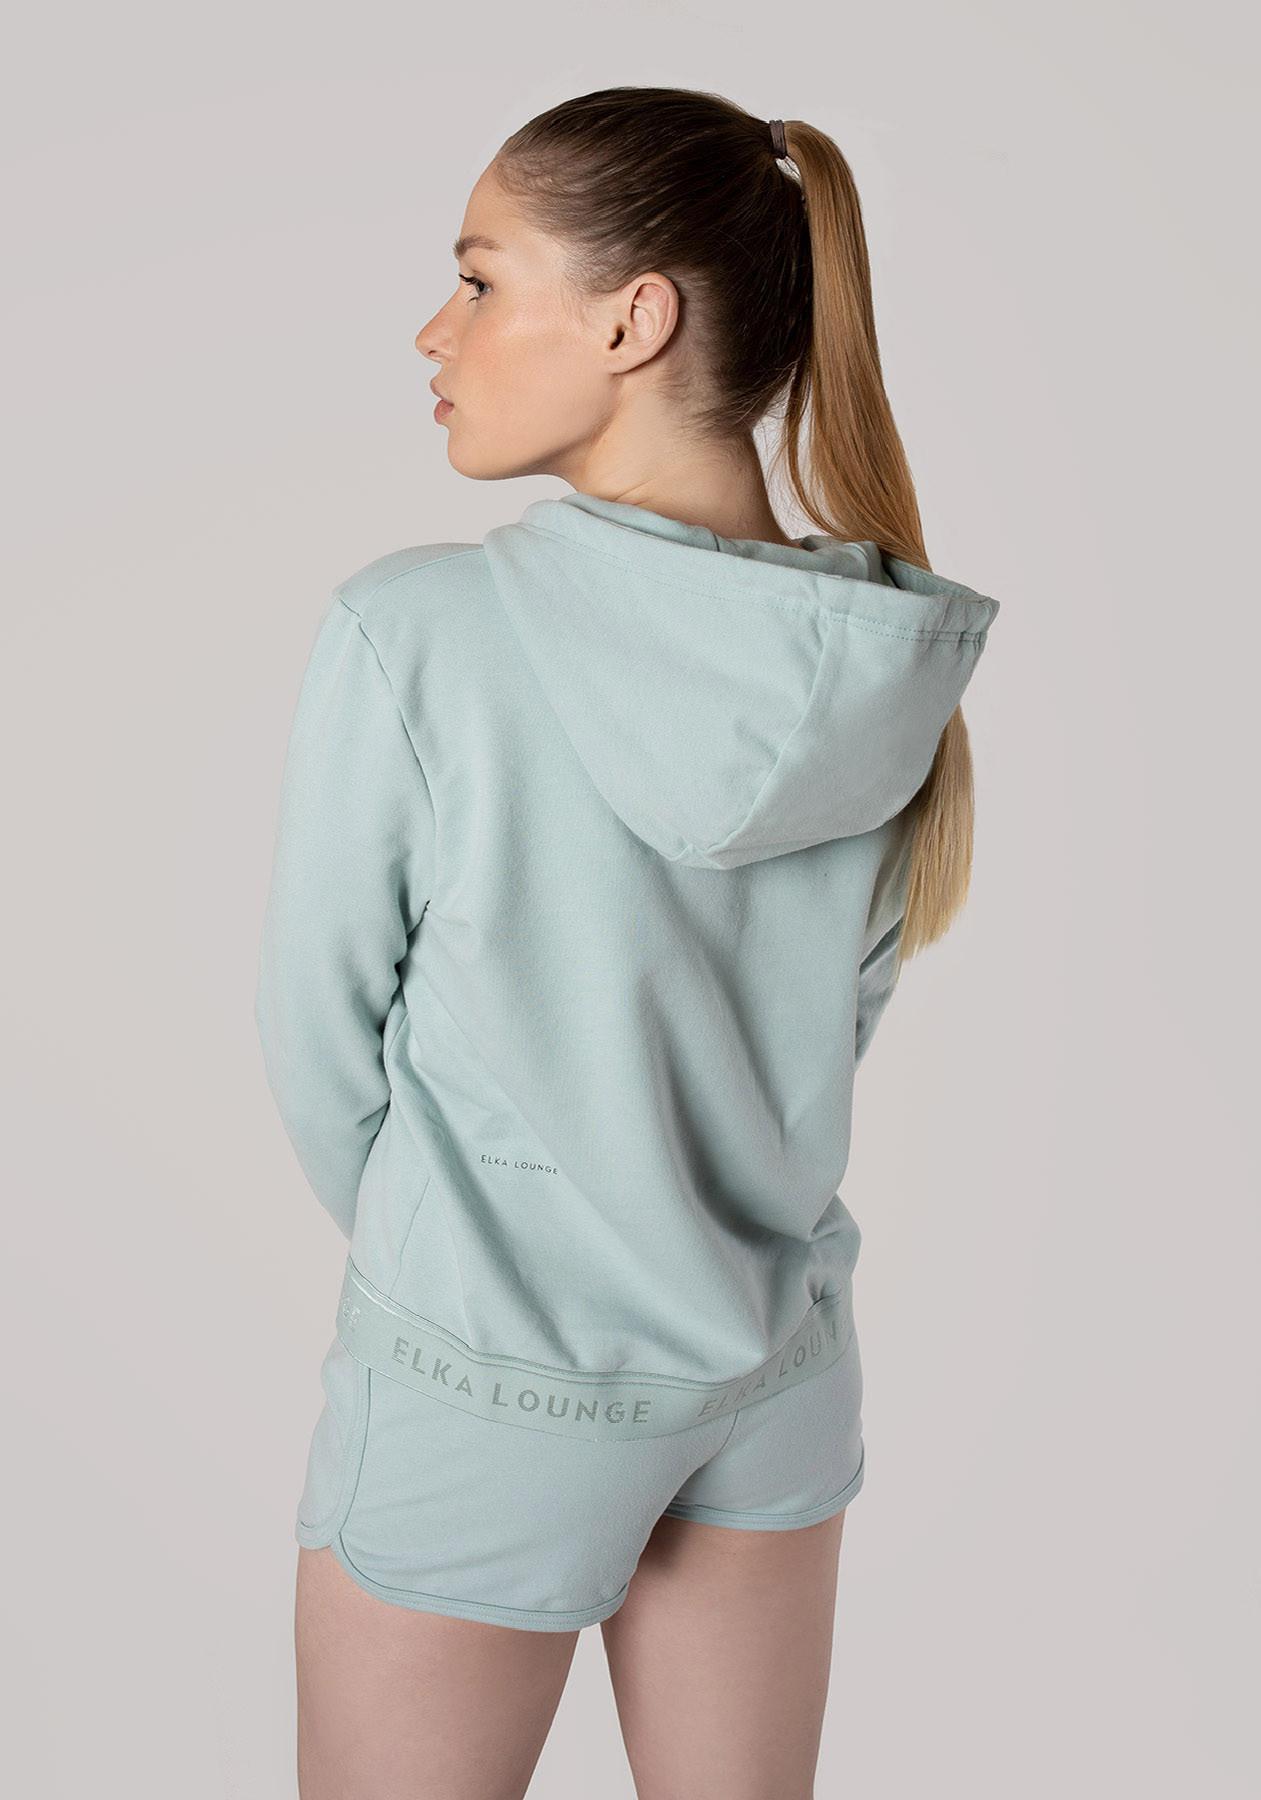 Women-Sweatshirt-ELKA-Lounge-W00554-1